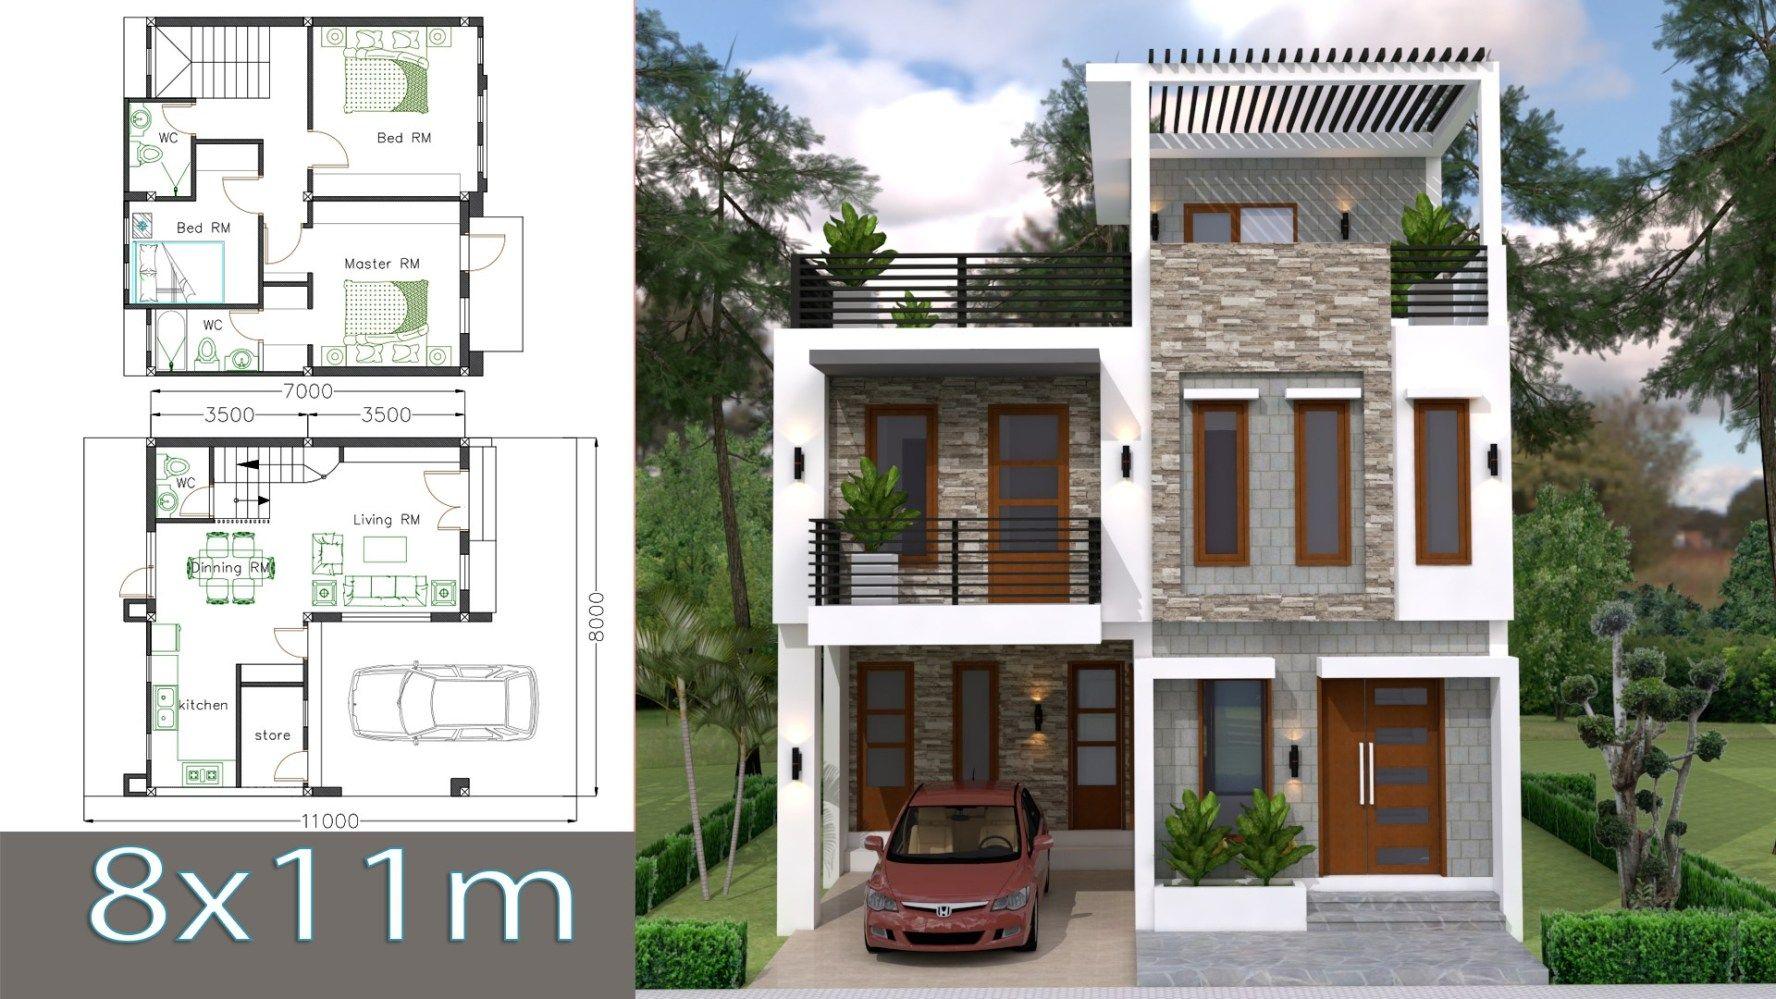 House Plans 8x11m With 3 Bedrooms Com Imagens Faxadas De Casas